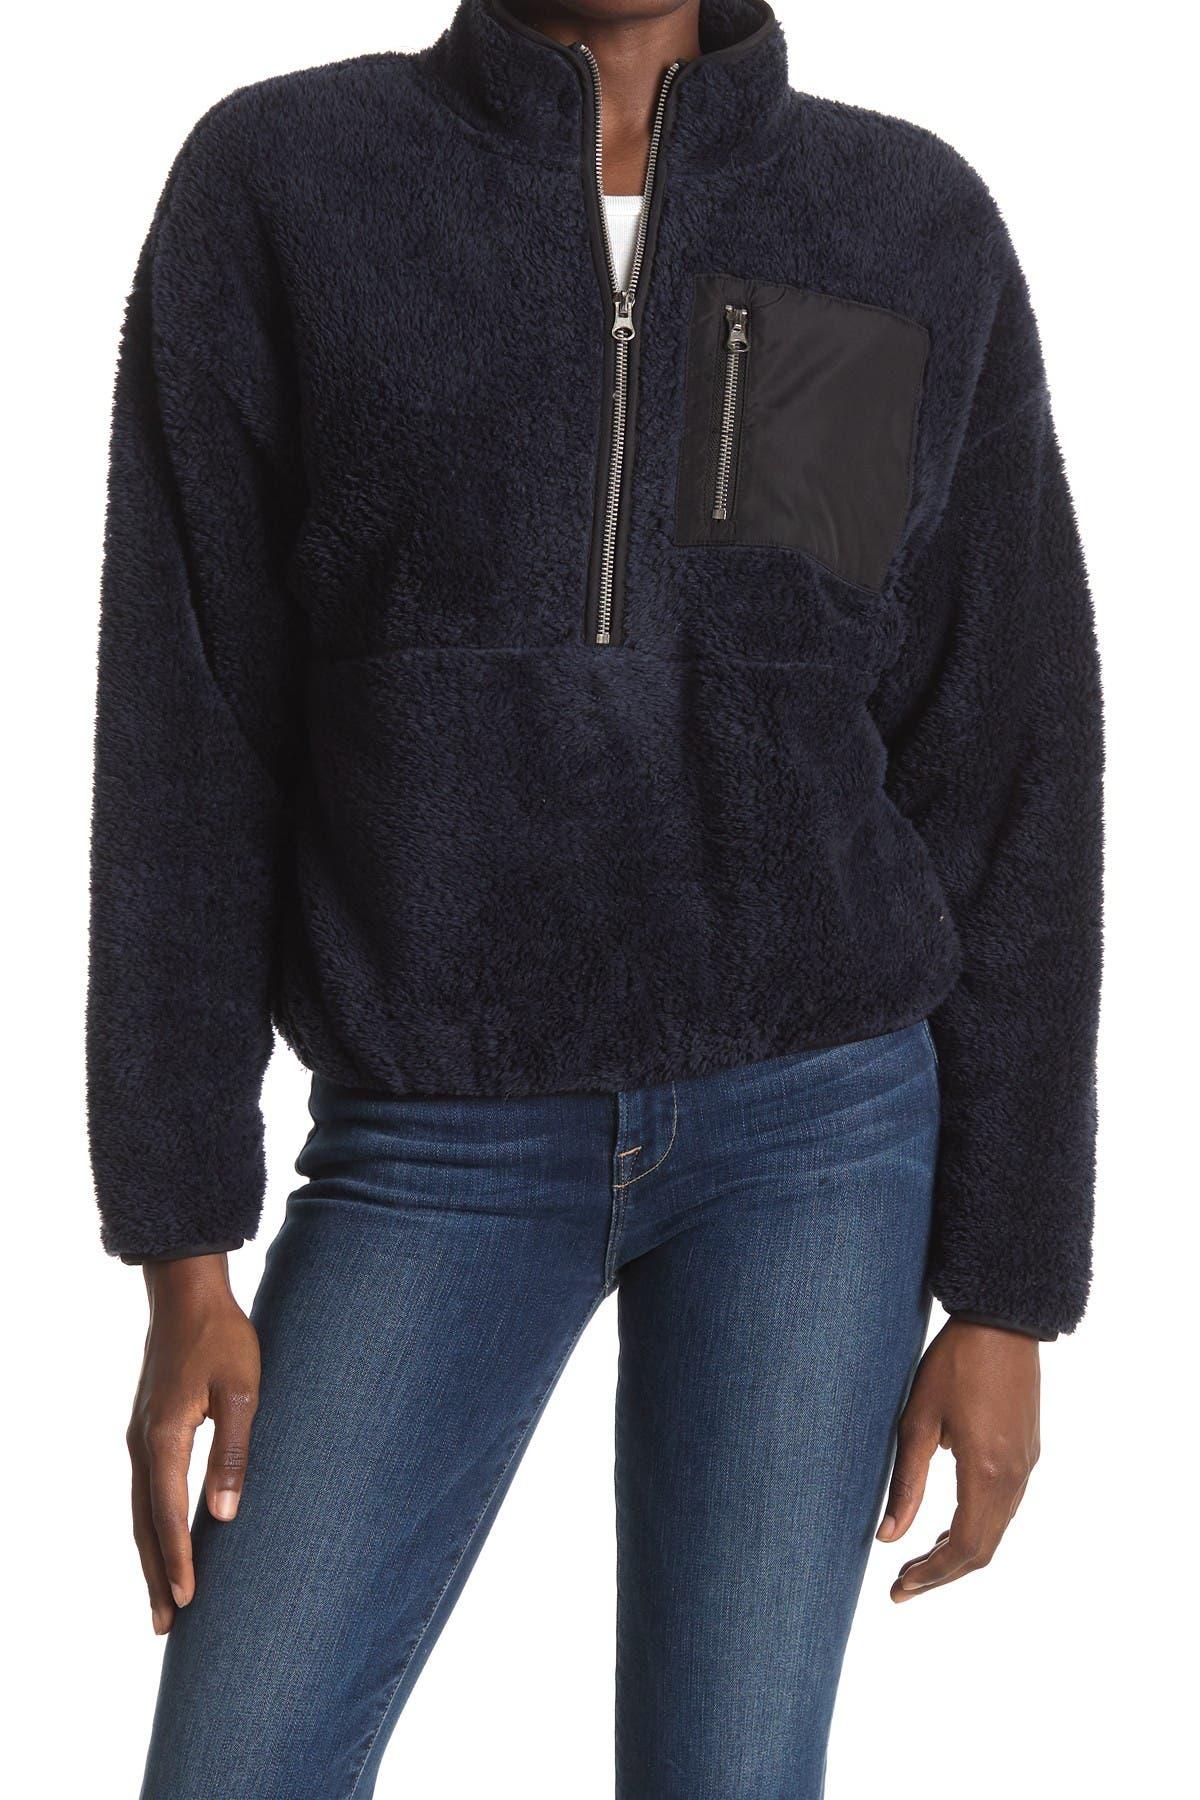 Image of Elodie Plush Fleece Half Zip Pullover